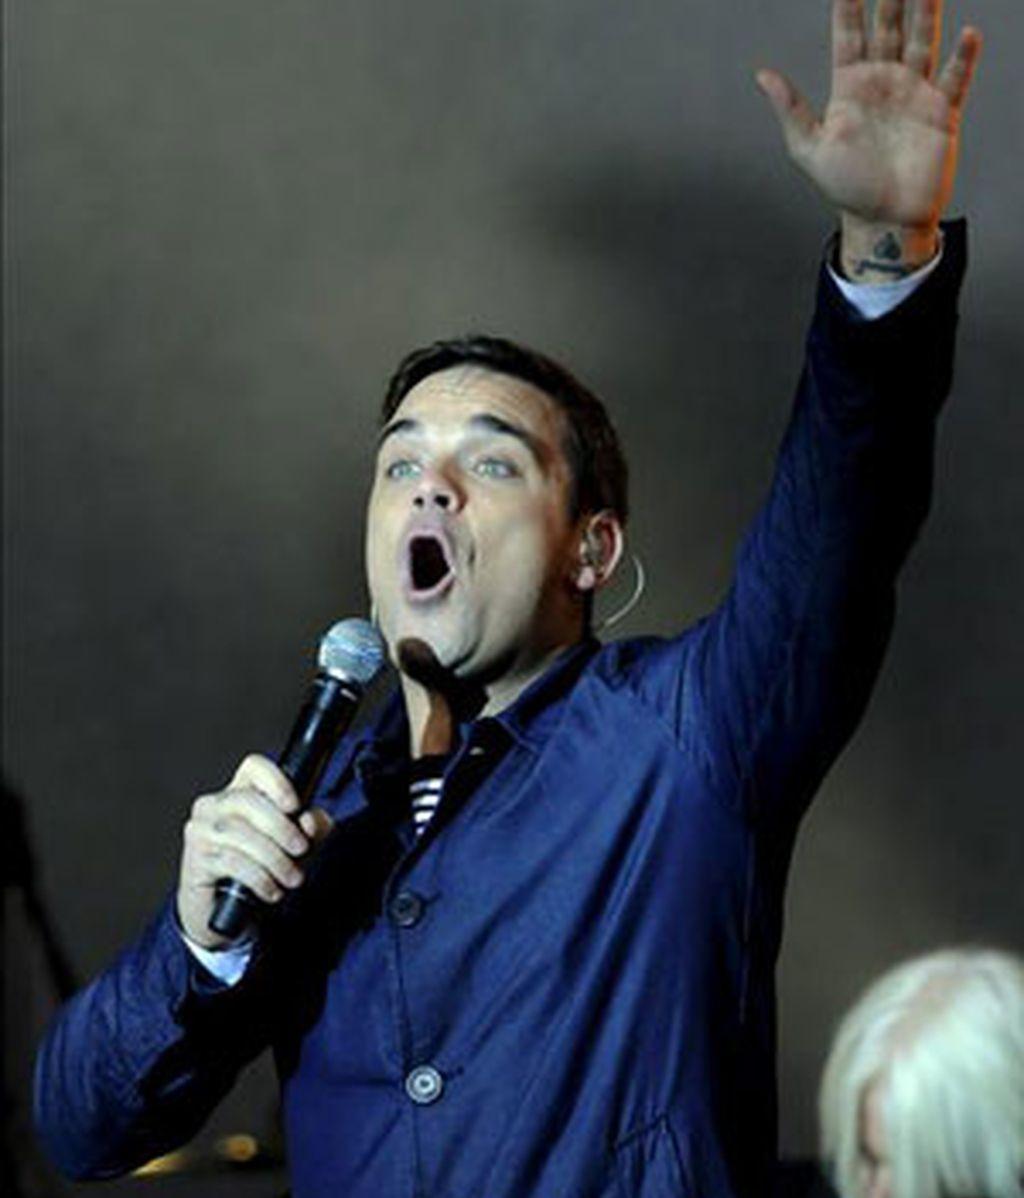 Robbie Williams confirma que cantará con Take That otra vez. Foto archivo EFE